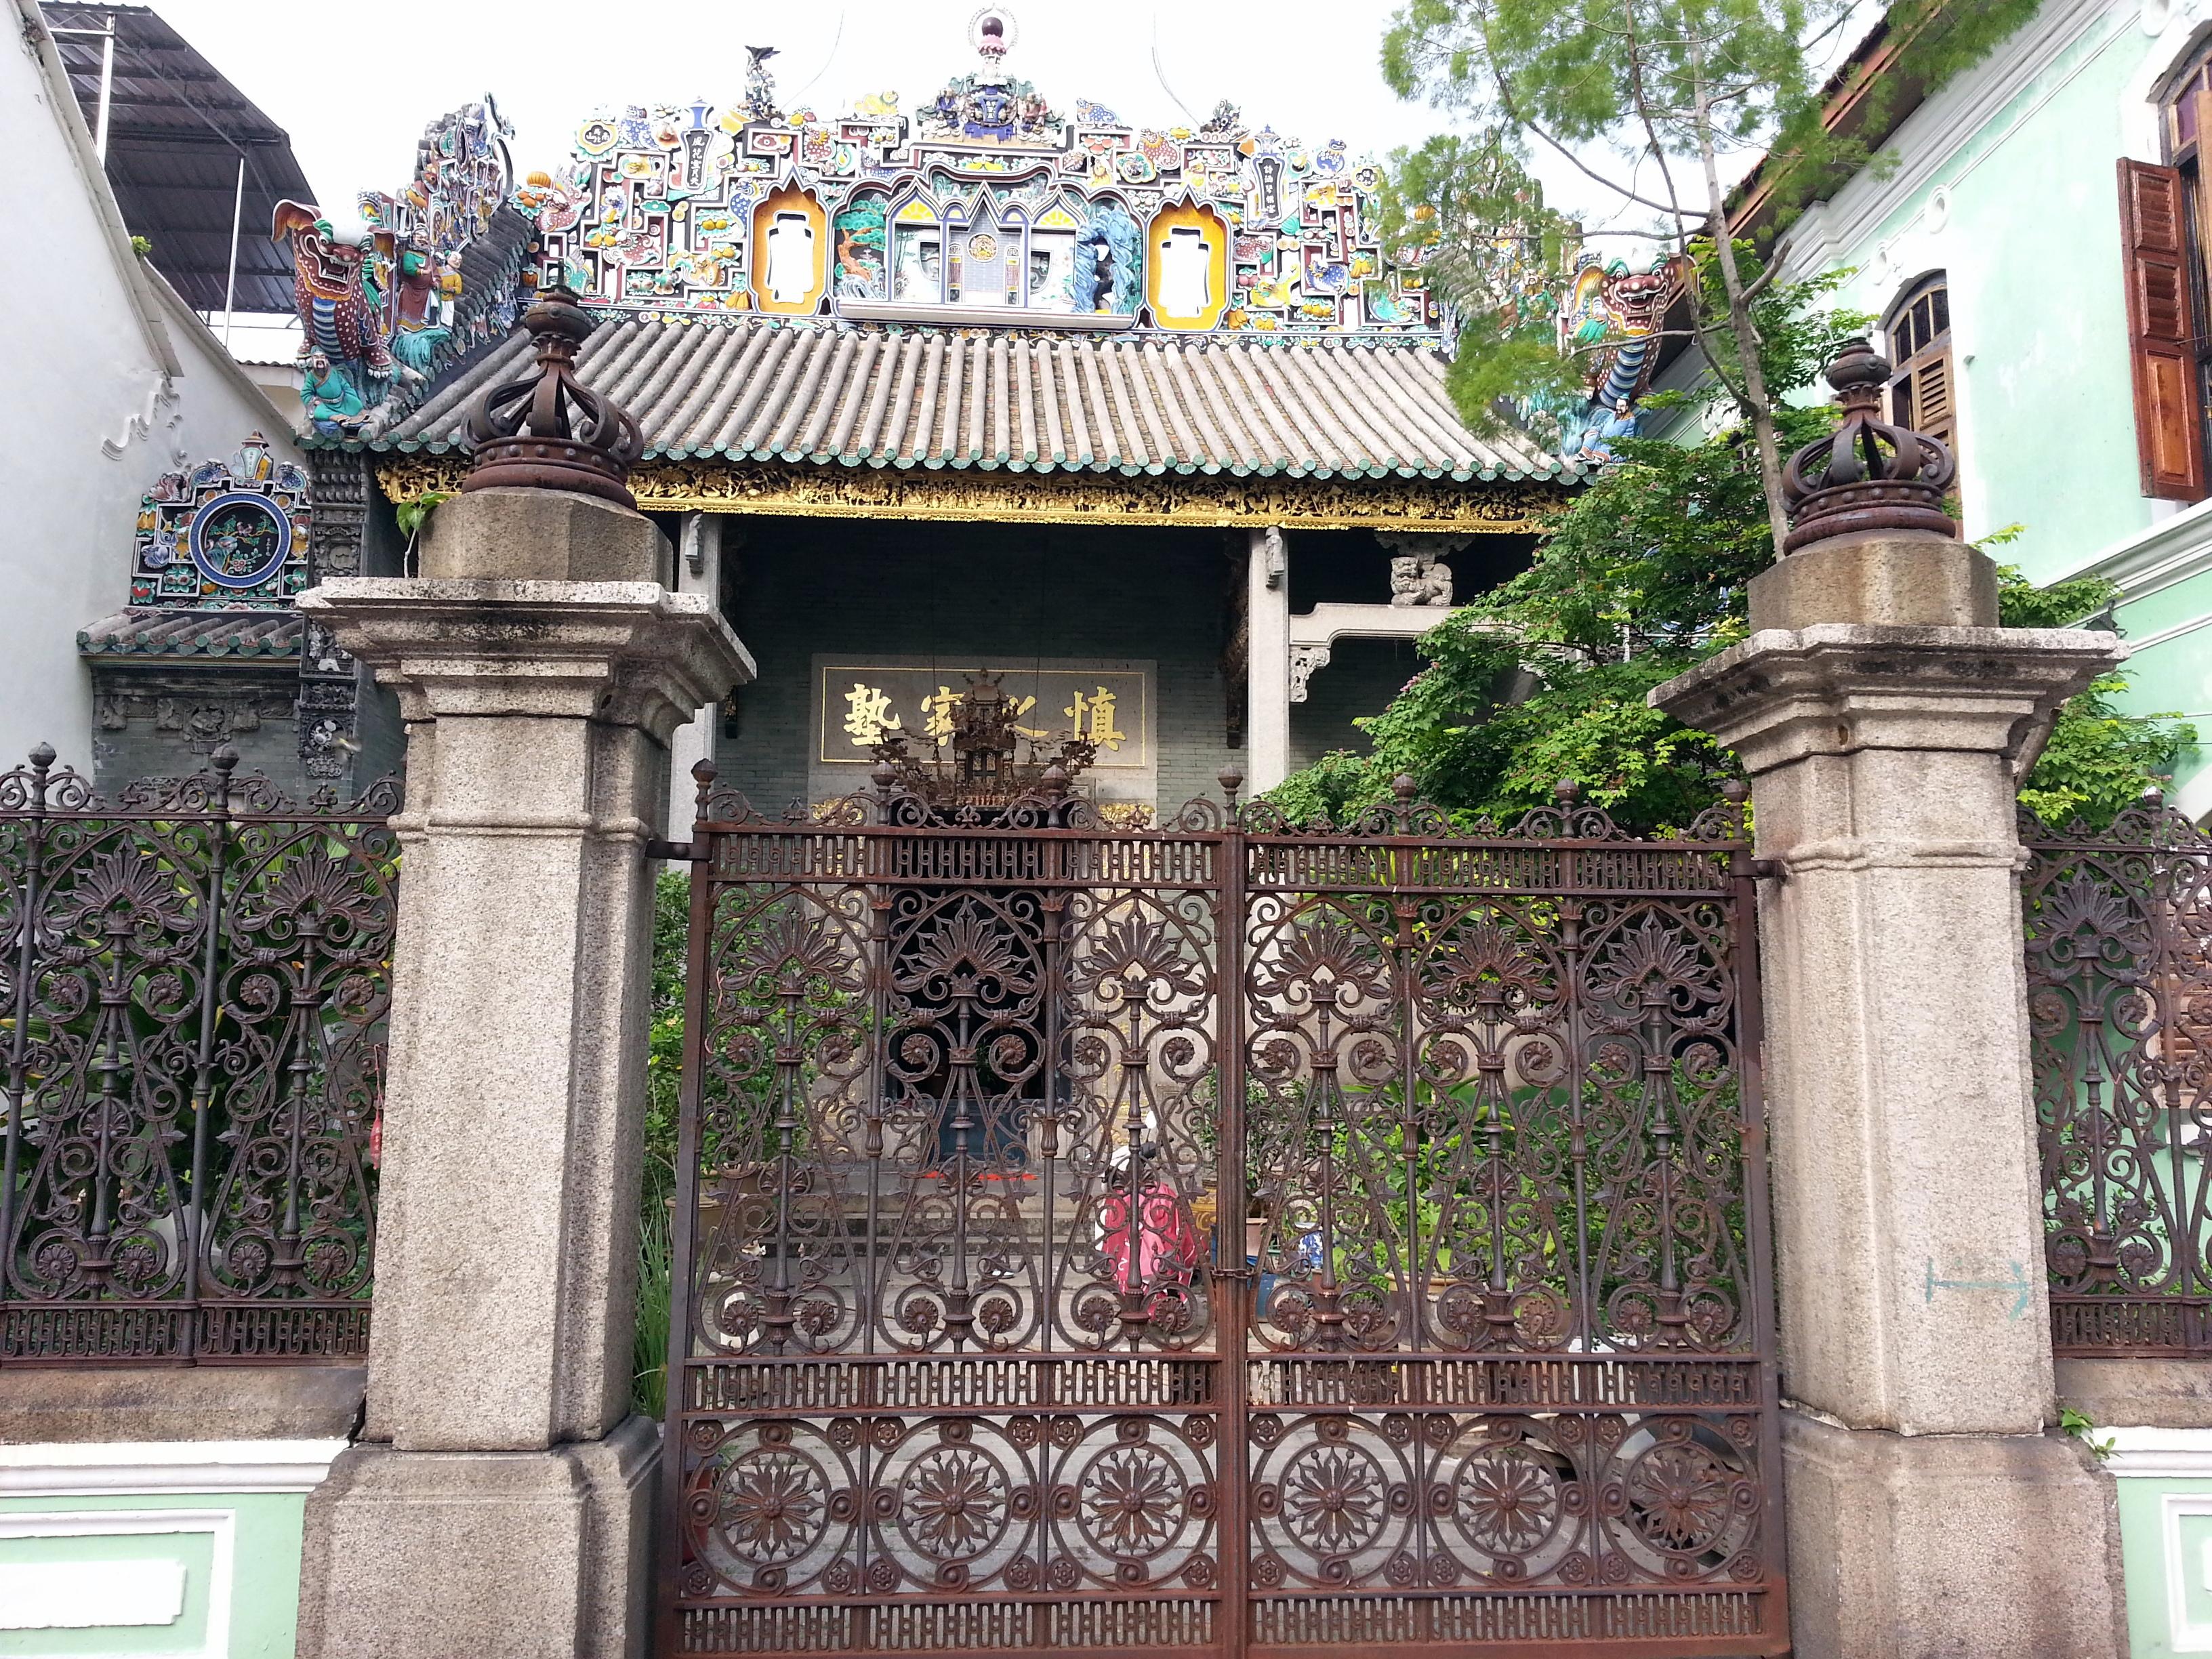 filepinang peranakan mansion george town penang 2jpg